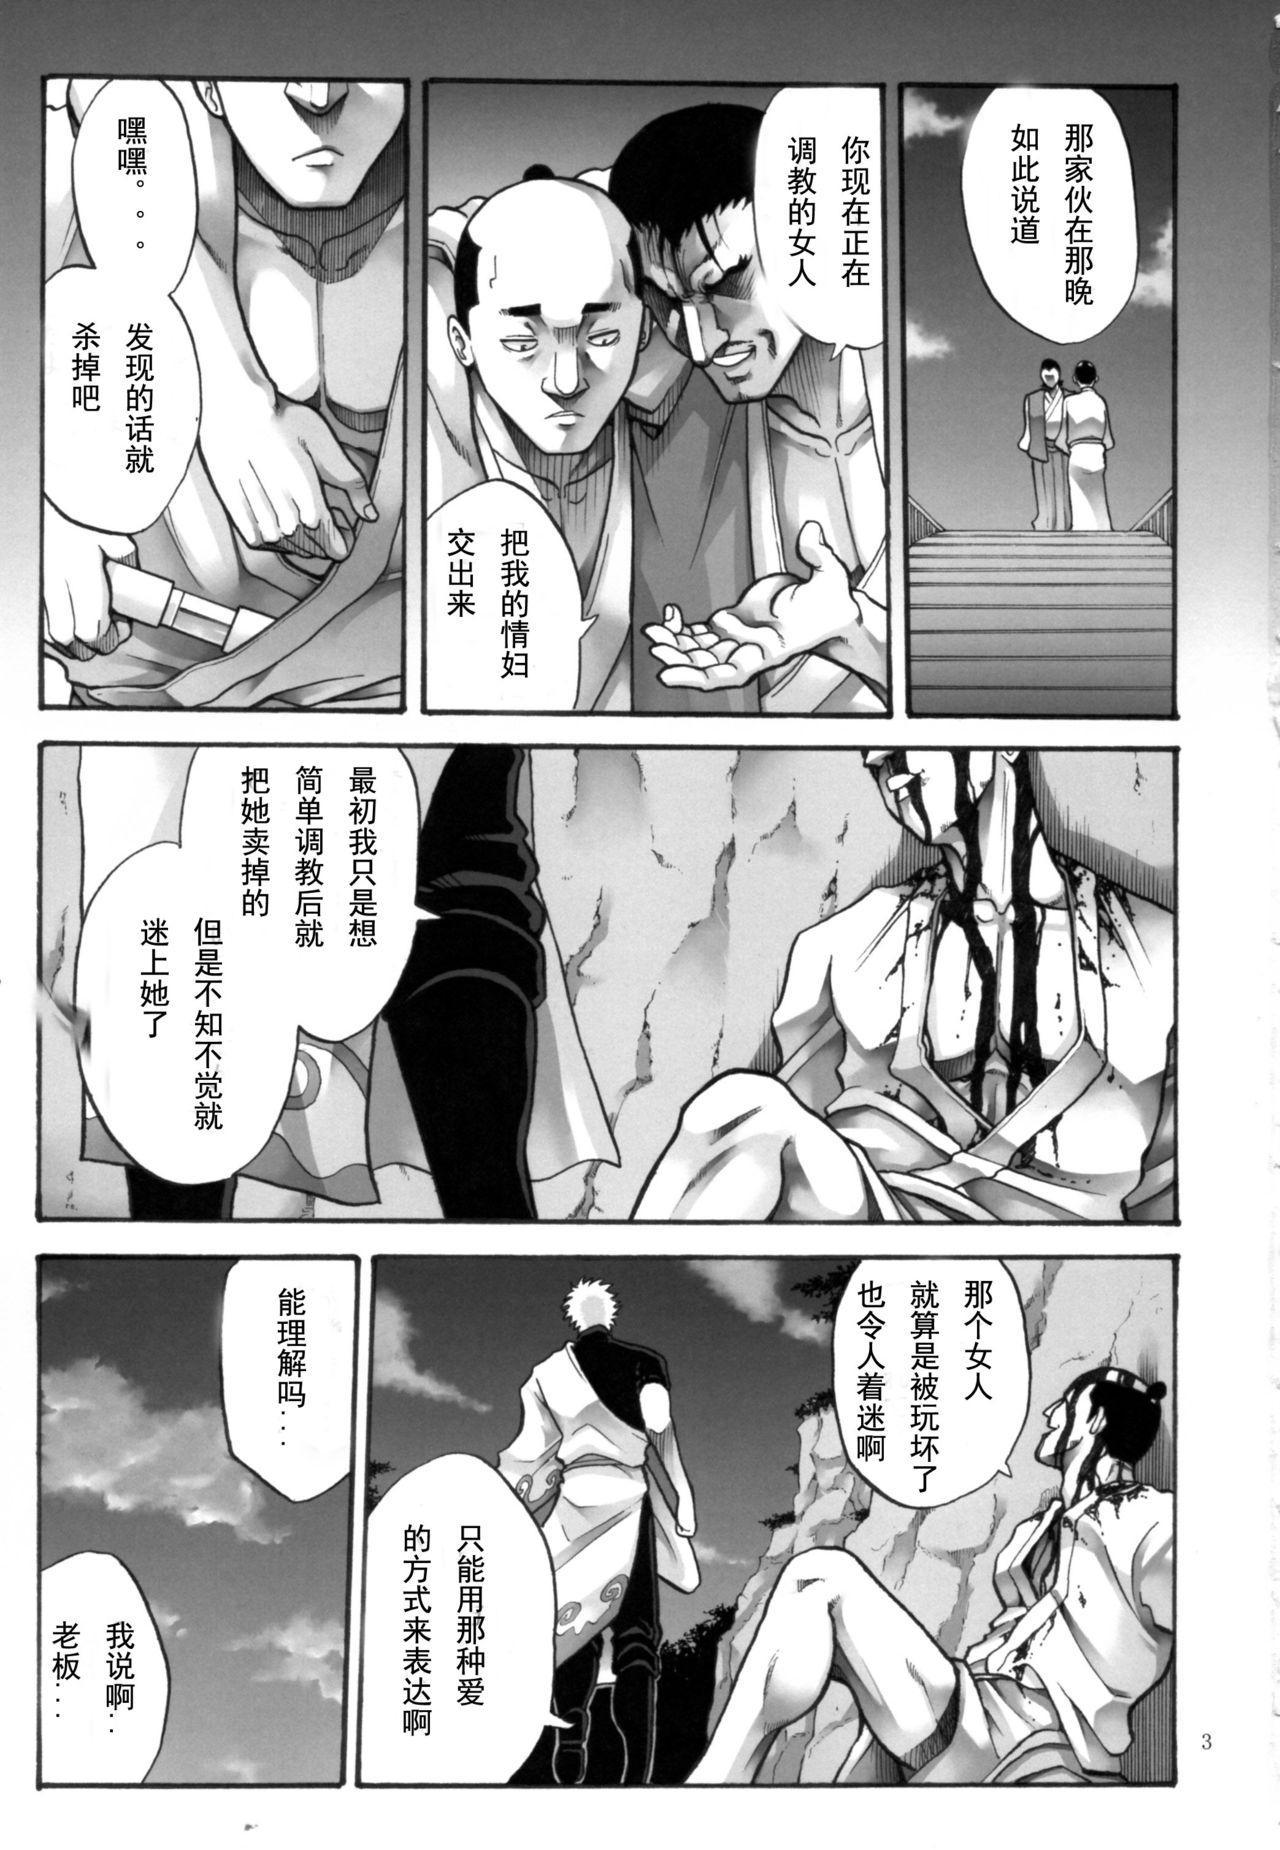 Tsukuyo-san ga Iyarashii Koto o Sarete Shimau Hanashi 5 3